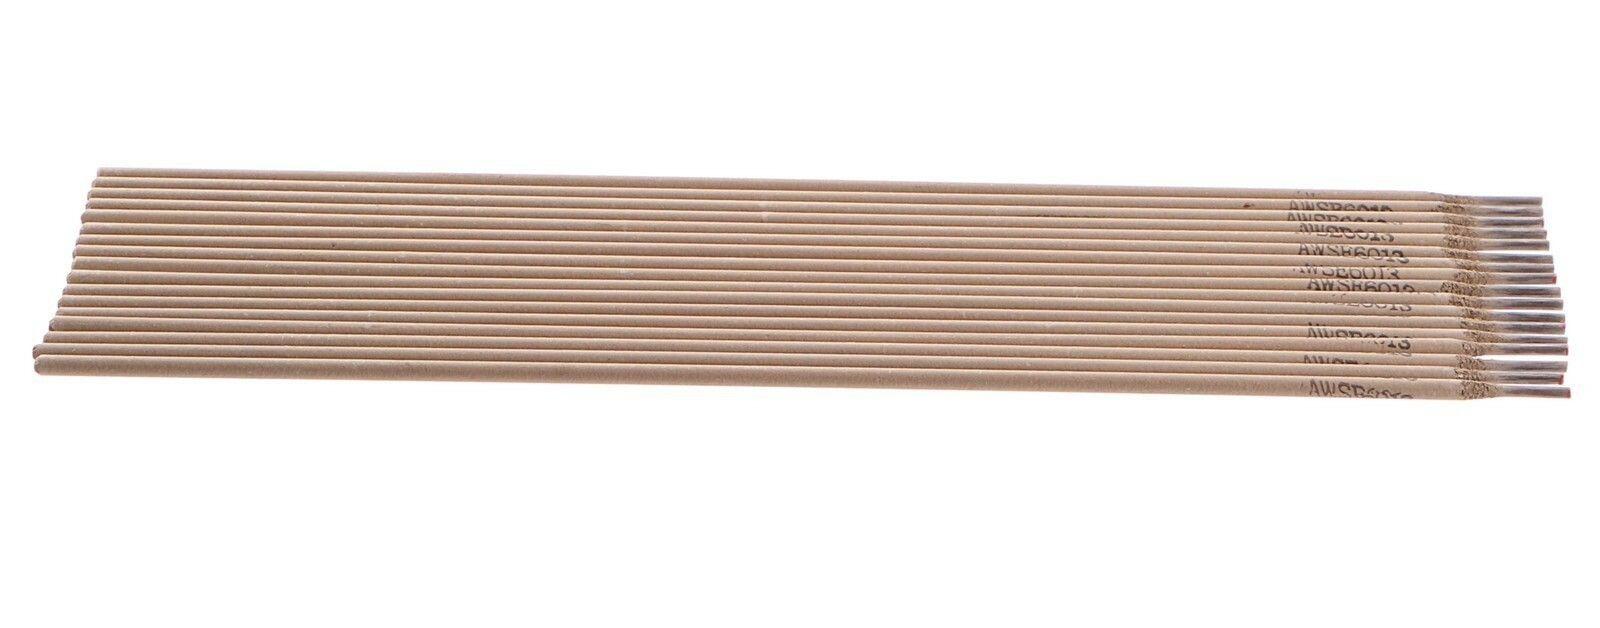 Elektrody svařovací, 2,5x300 mm, svařovací proud 60-90A, růžové GEKO